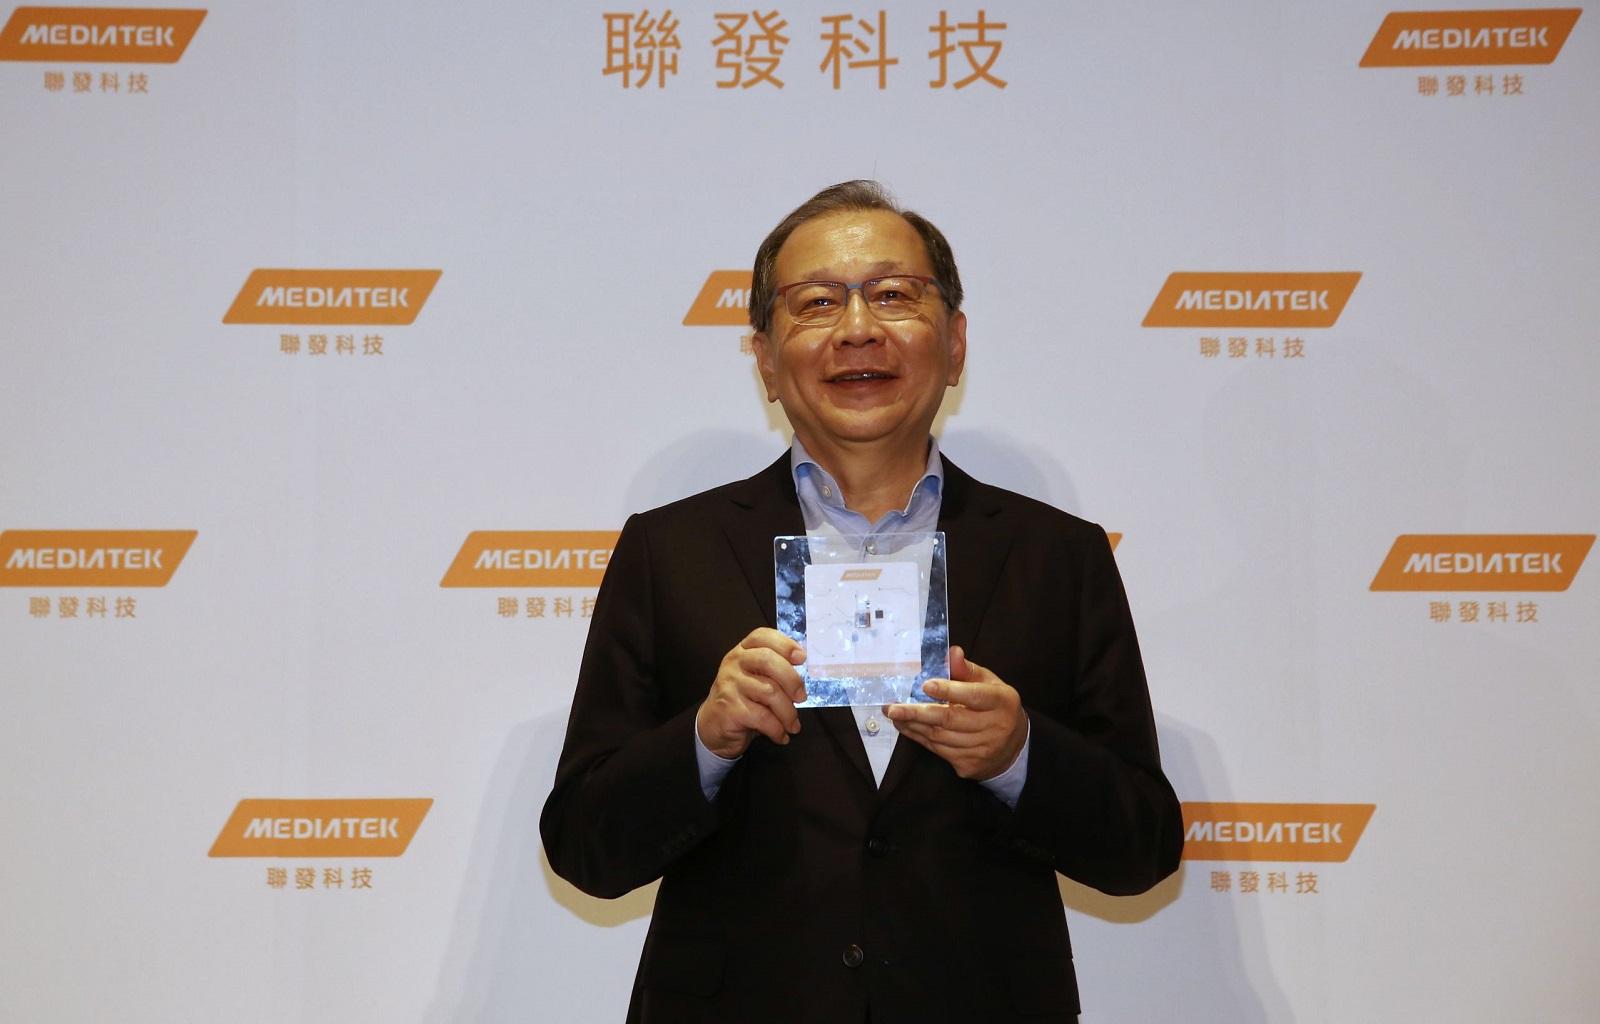 聯發科技發表旗艦級5G晶片「天璣1000」,全球最快、最省電!